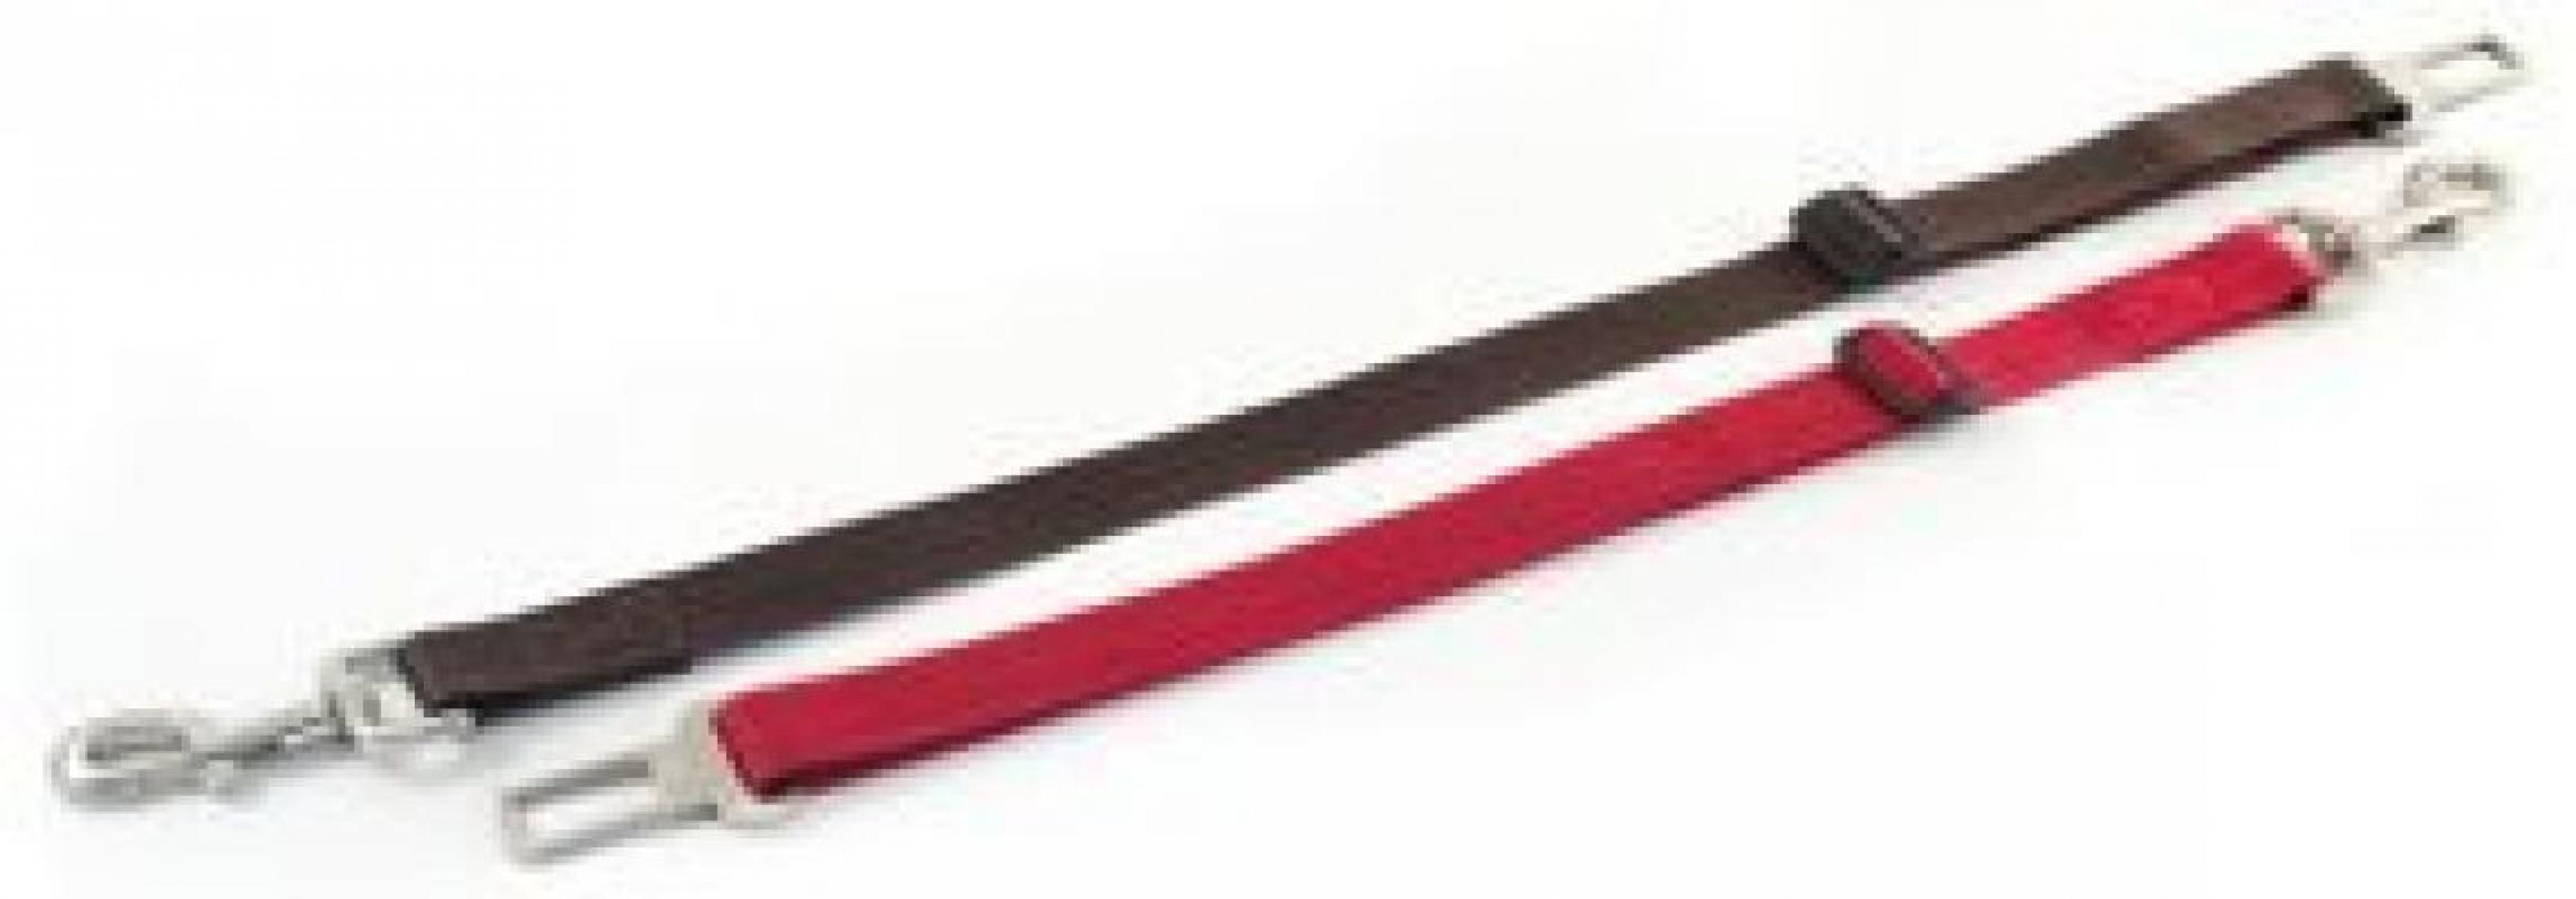 Redplastic Ремень автомобильный фиксирующий для животных 25мм 50-75см, DA021225